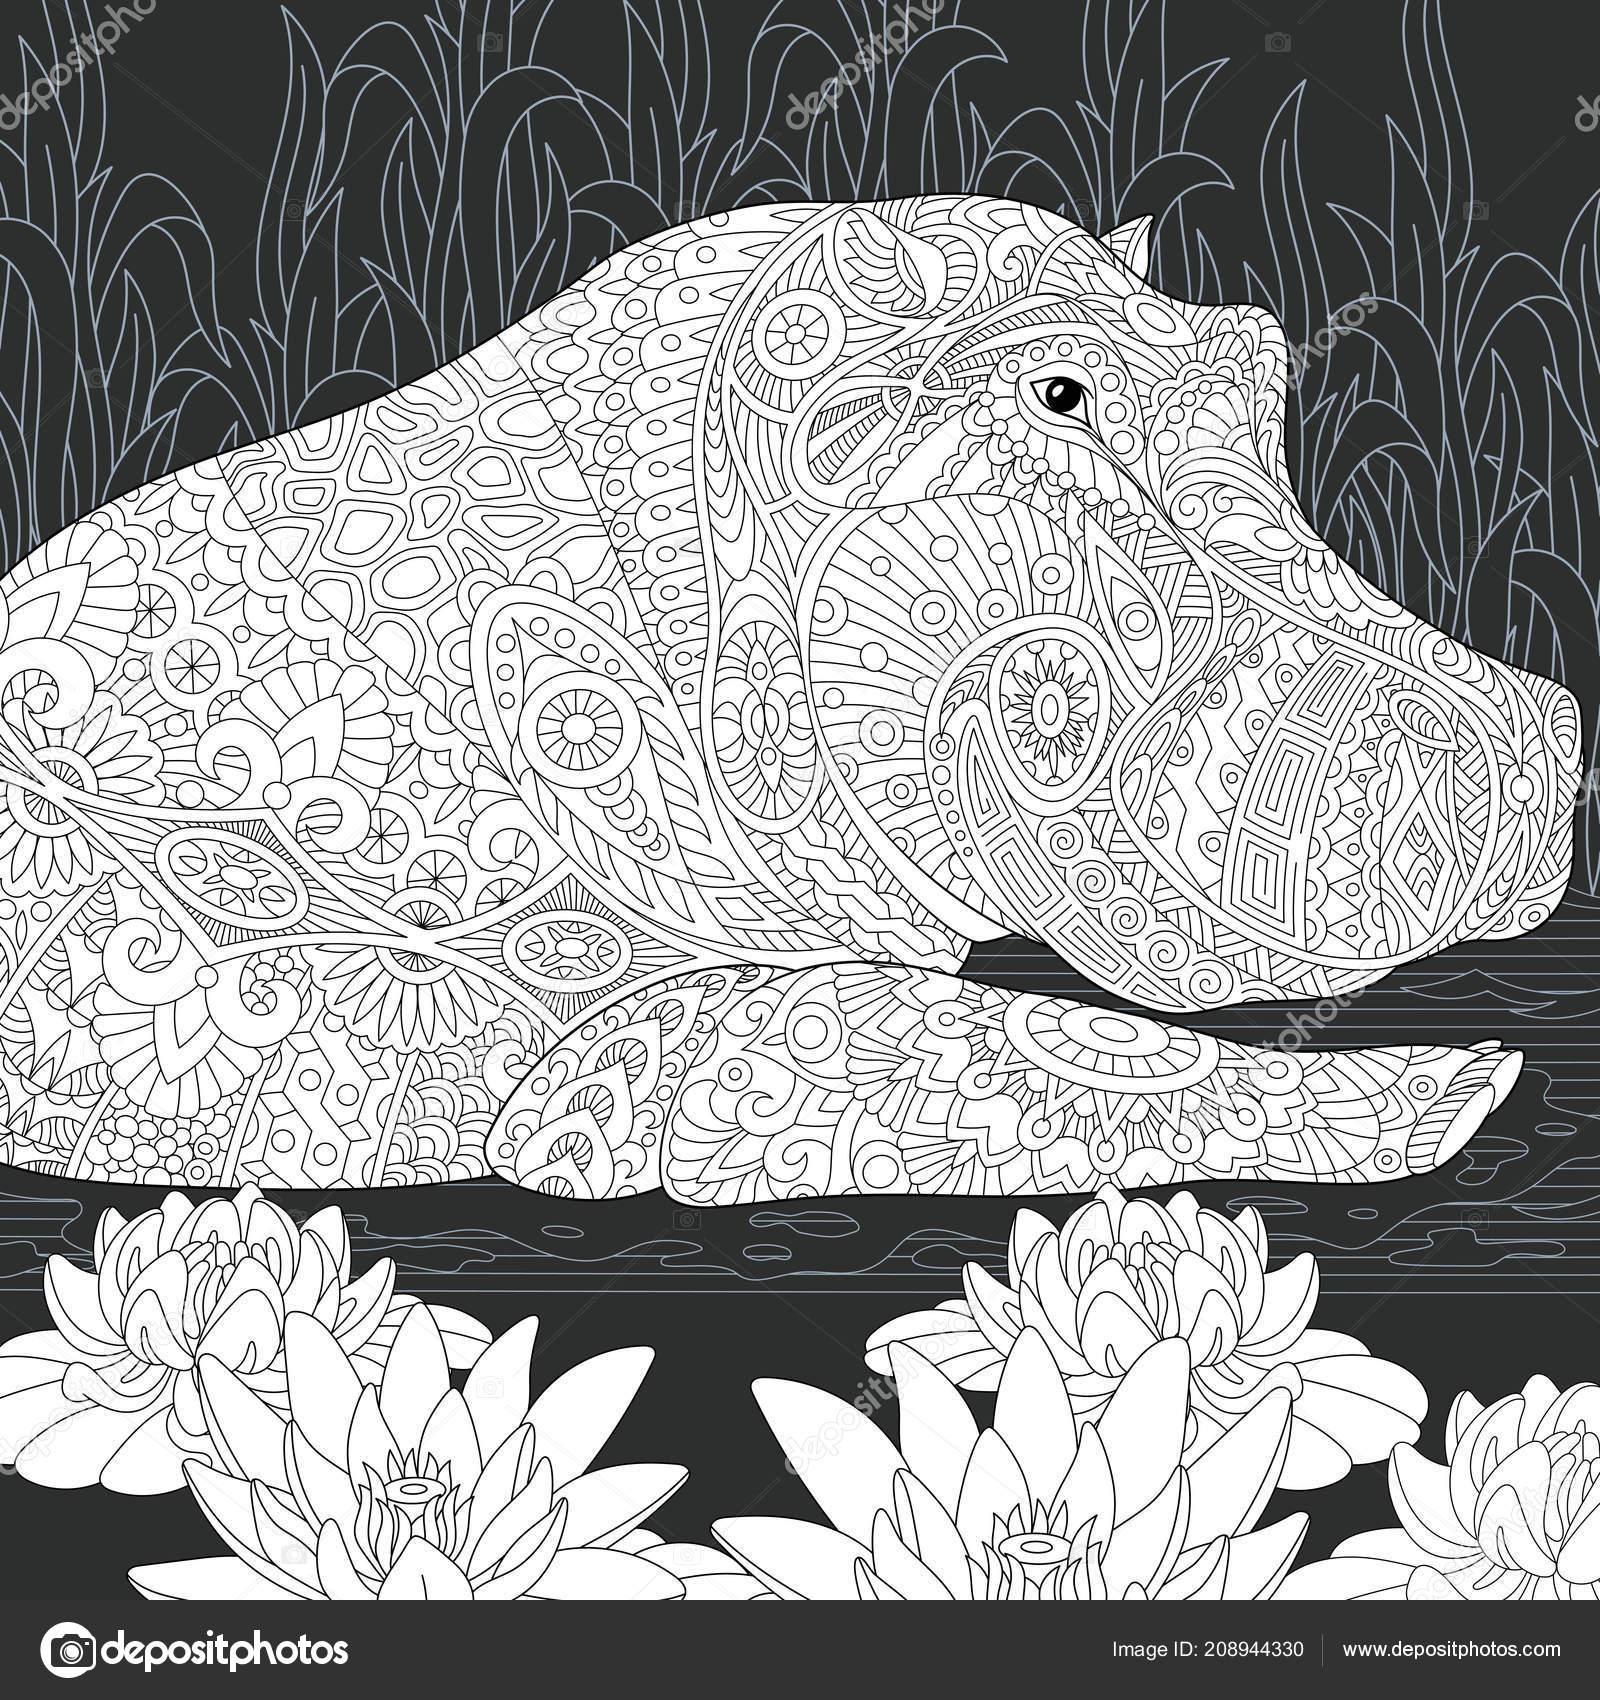 Kleurplaten Waterlelies.Nijlpaard Nijlpaard Getekend Lijn Kunststijl Lotusbloemen Waterlelie